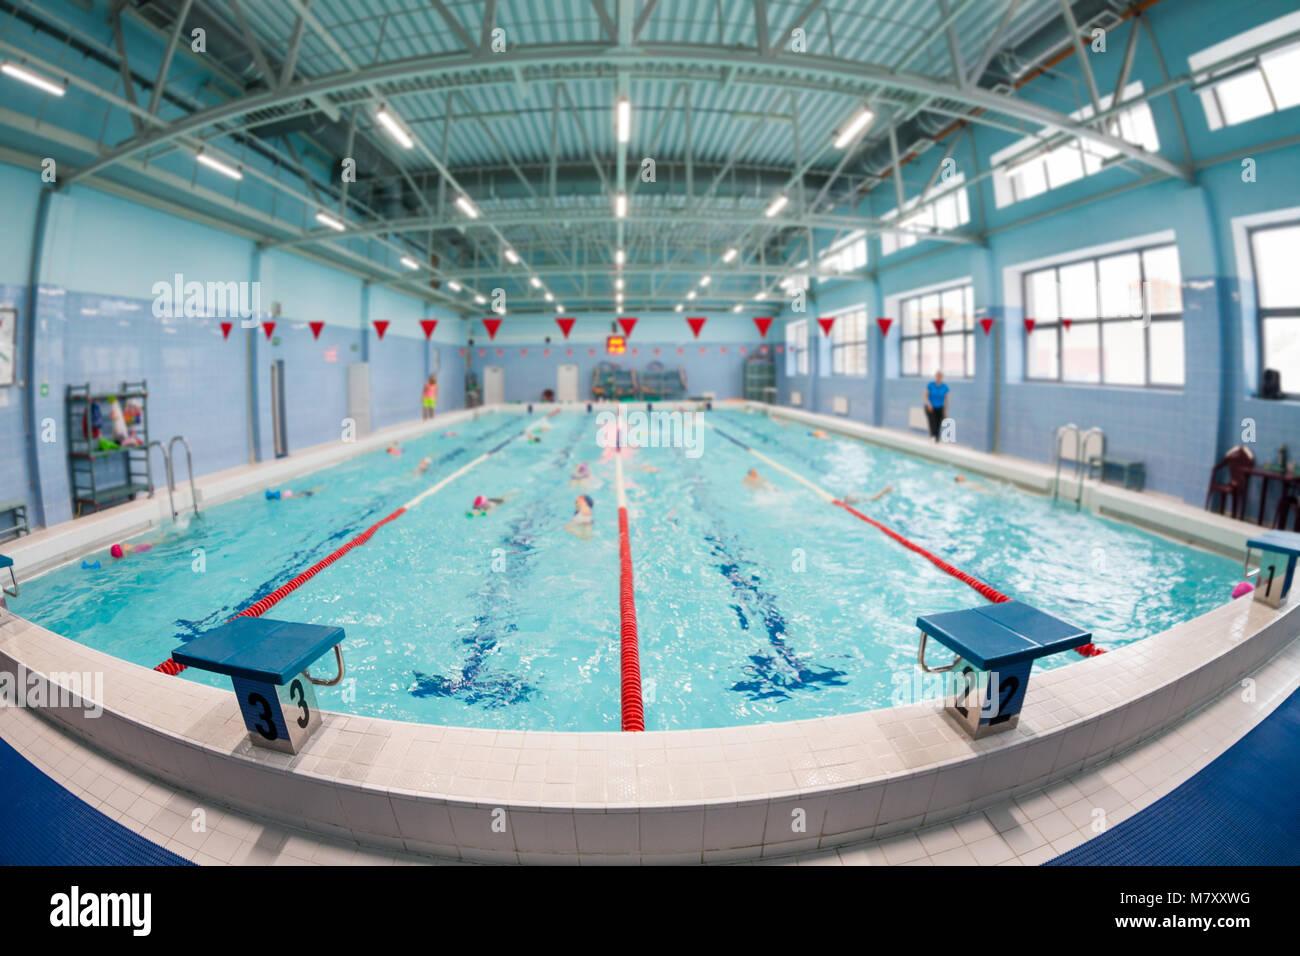 Weitwinkelaufnahme Auf Vier Linien Ein Schwimmbad Für Kinder Gruppen.  Unscharfer Hintergrund, Schwerpunkt Auf Der Vordergrund Ist